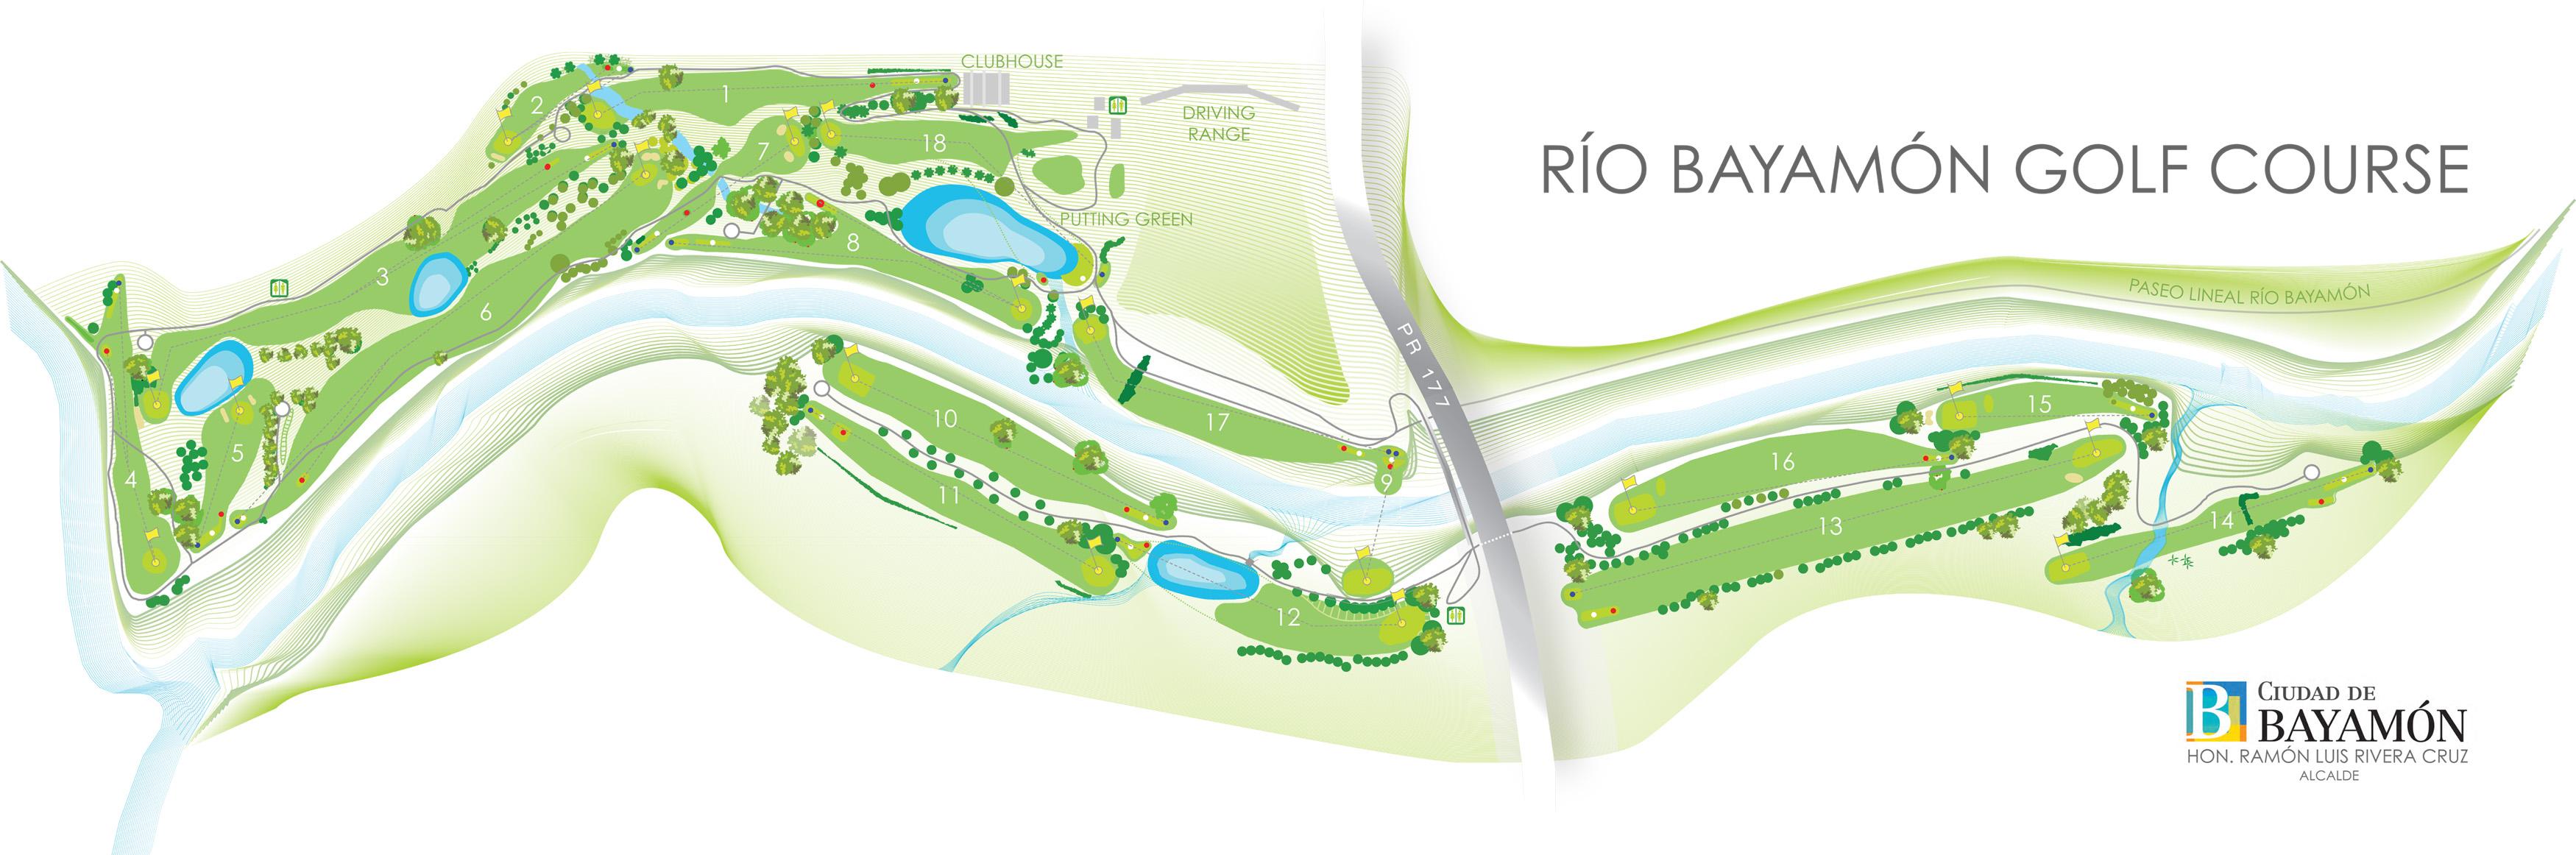 Río Bayamón Golf Course Ciudad De Bayamón